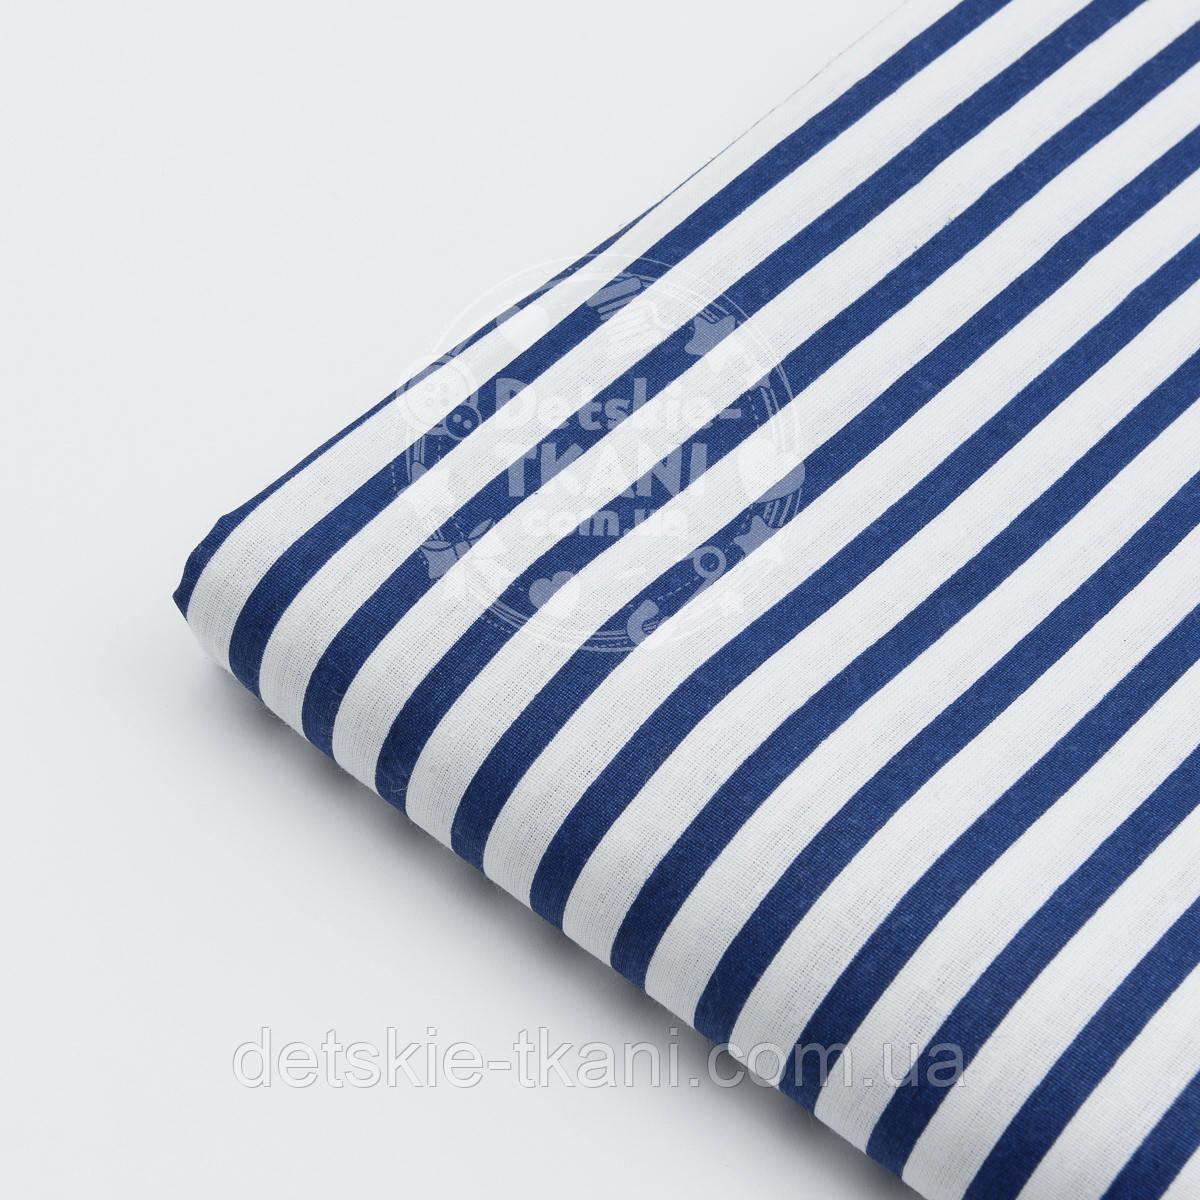 Клапоть тканини №124а з синьою смужкою 6 мм, розмір 38*45 см